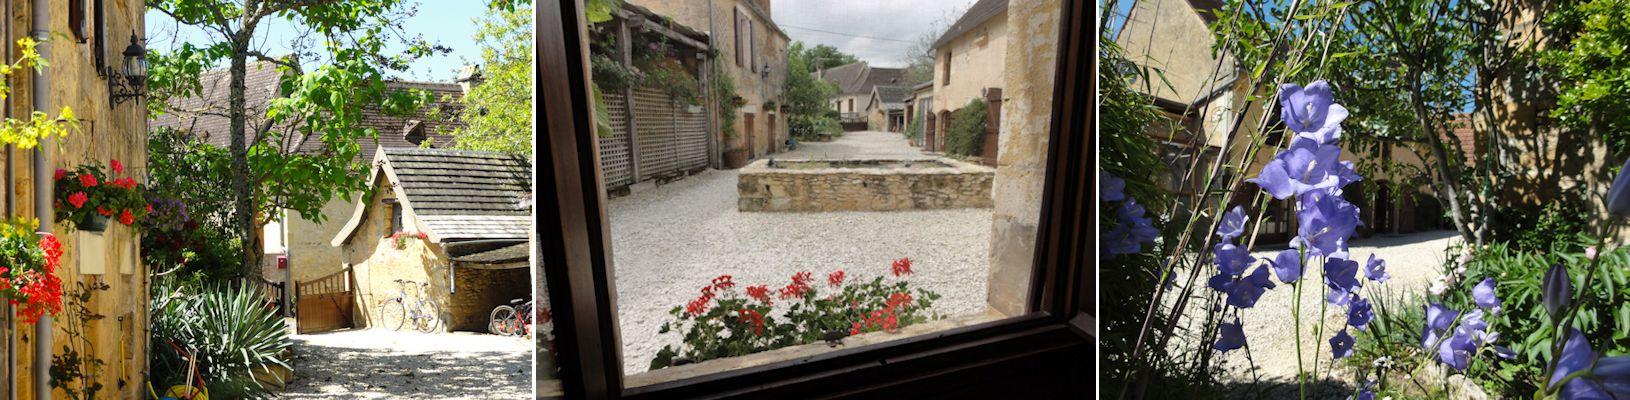 Slider Courtyard